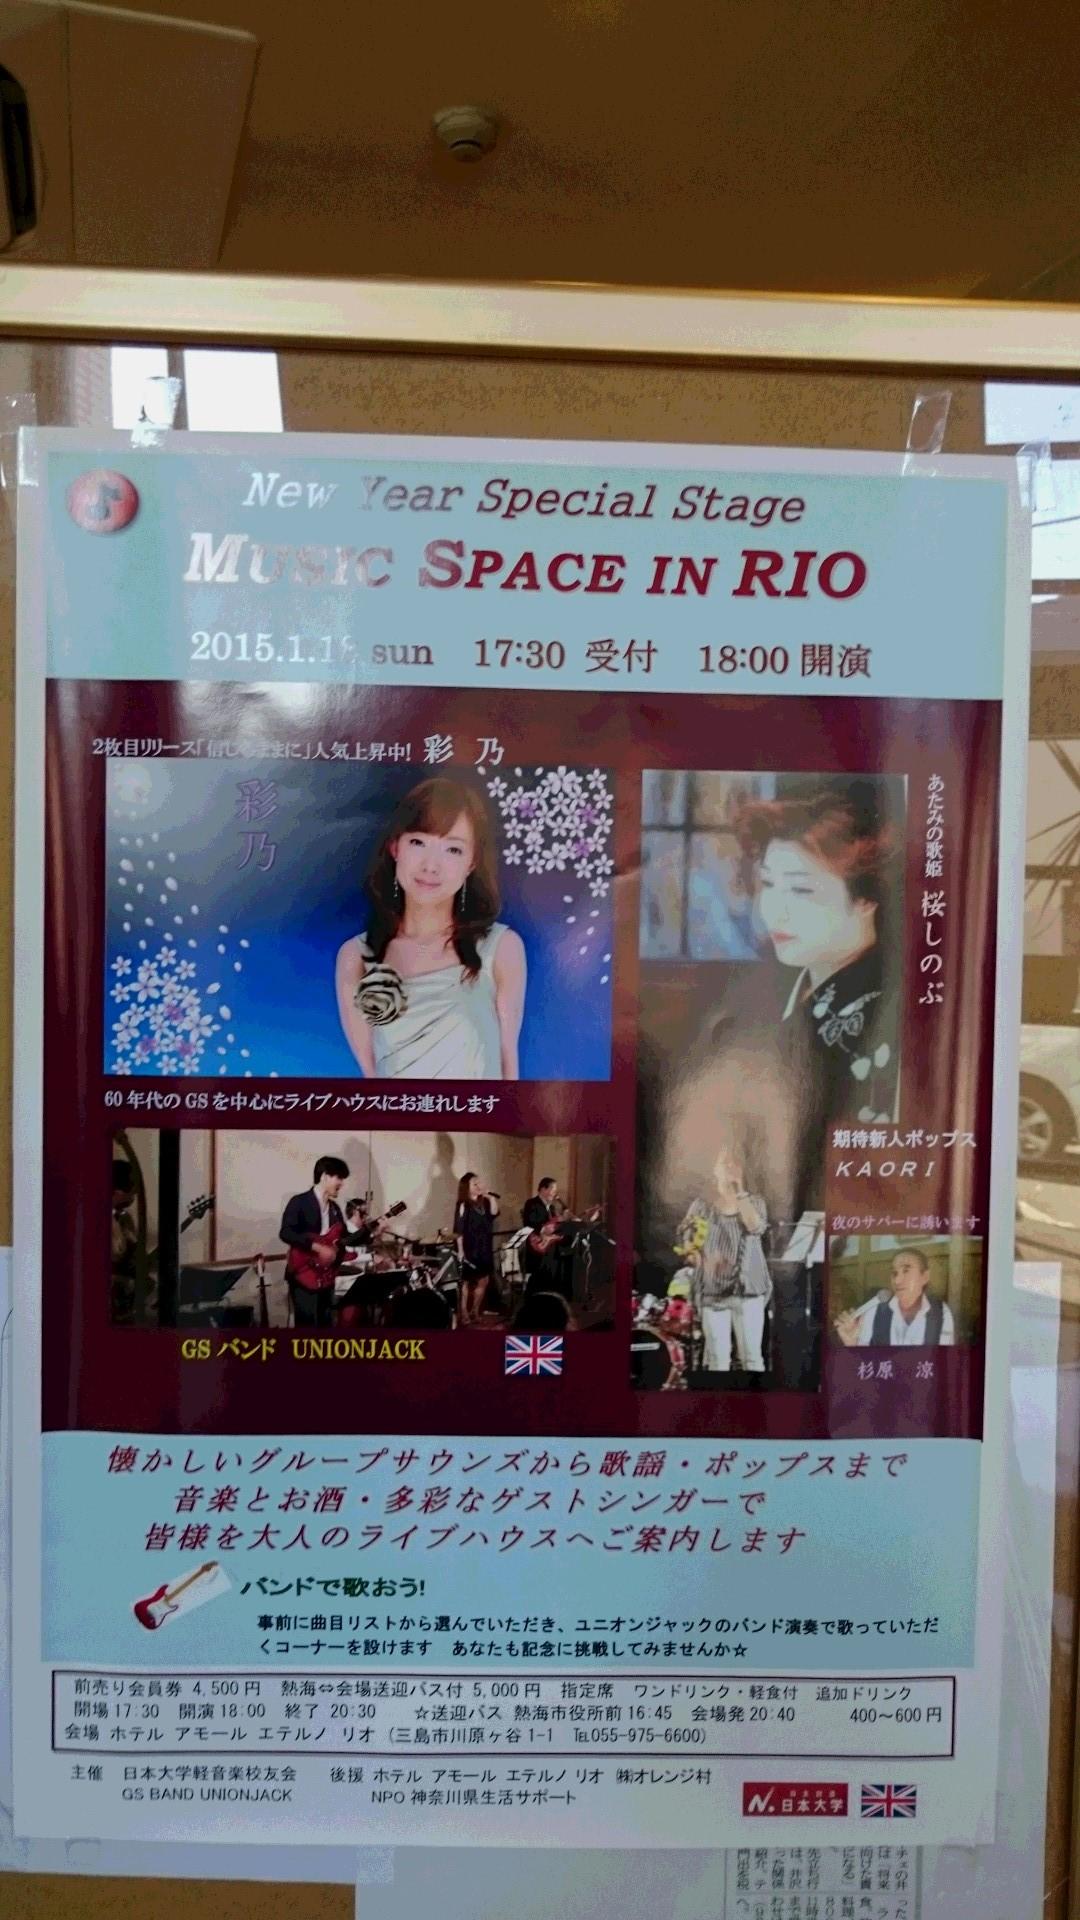 ミュージックスペース イン 三島_f0165126_10103523.jpg